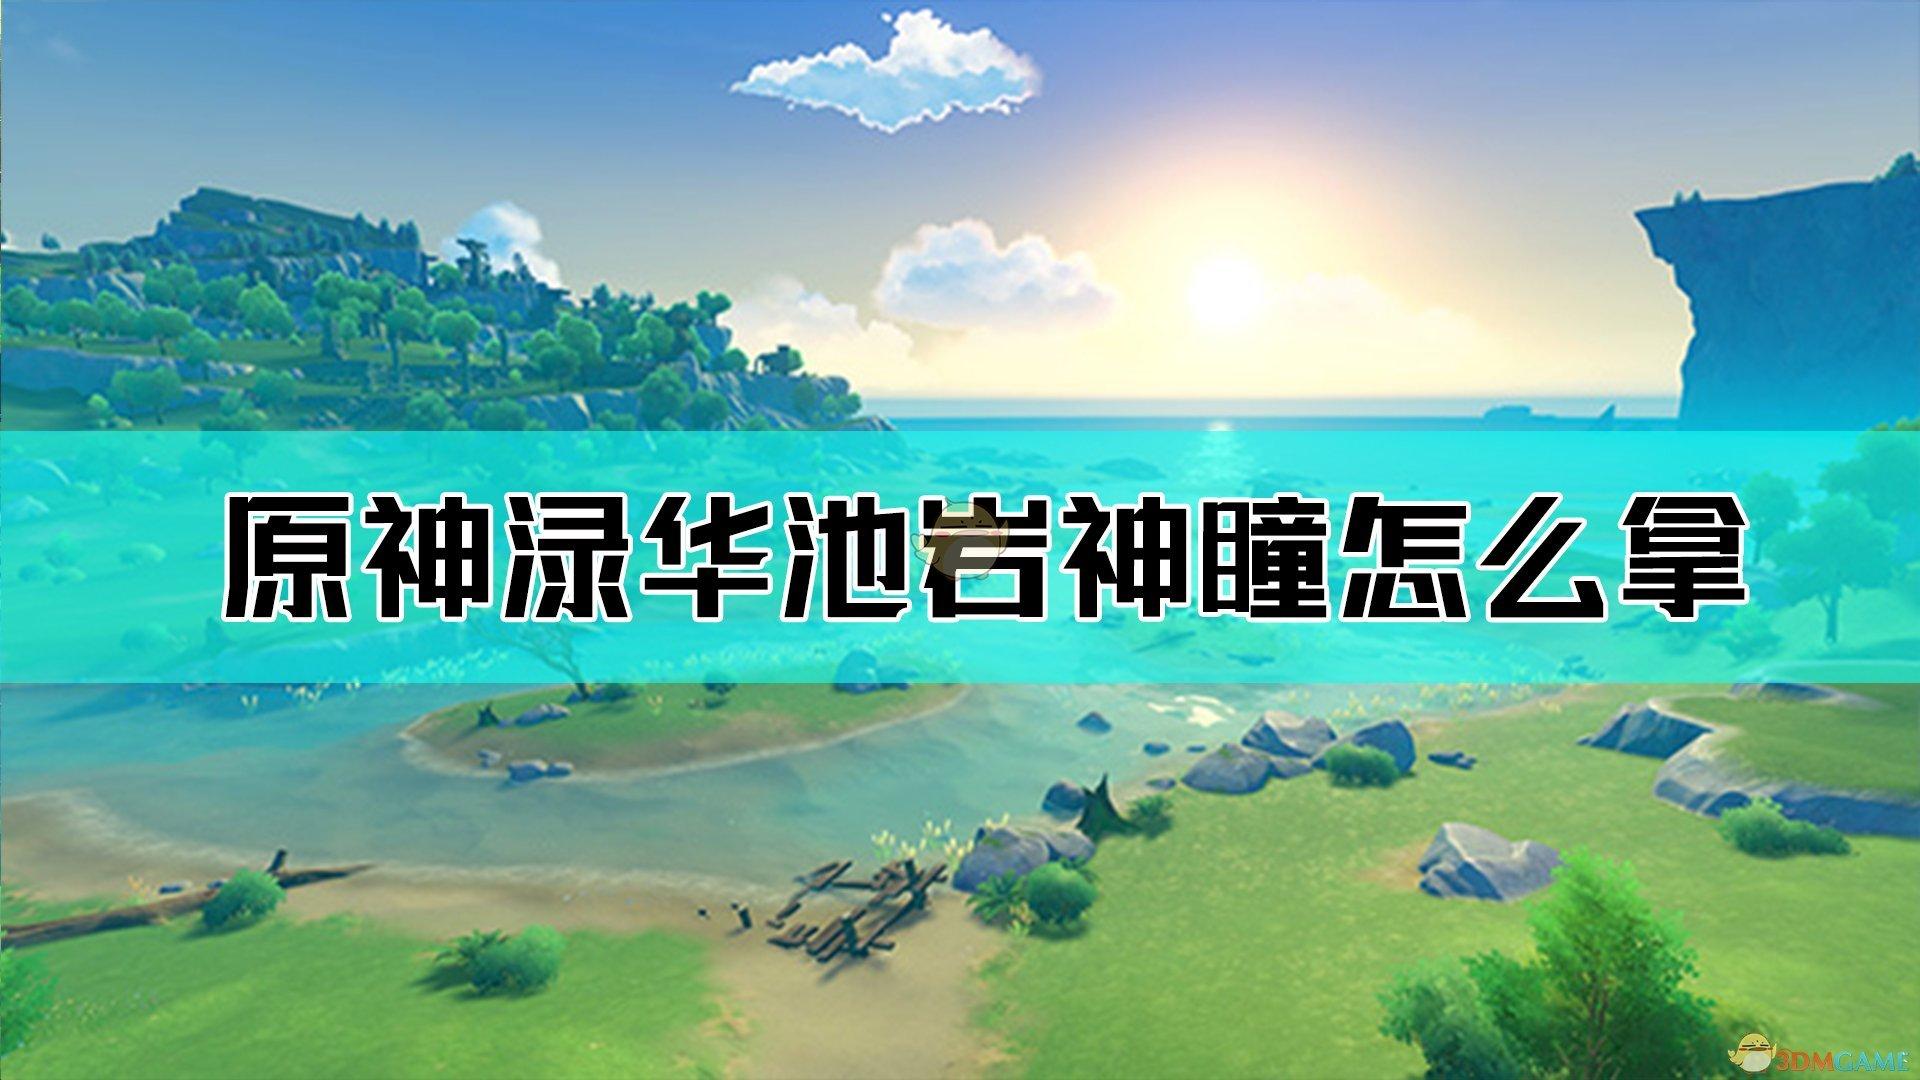 《原神》渌华池岩神瞳位置地图